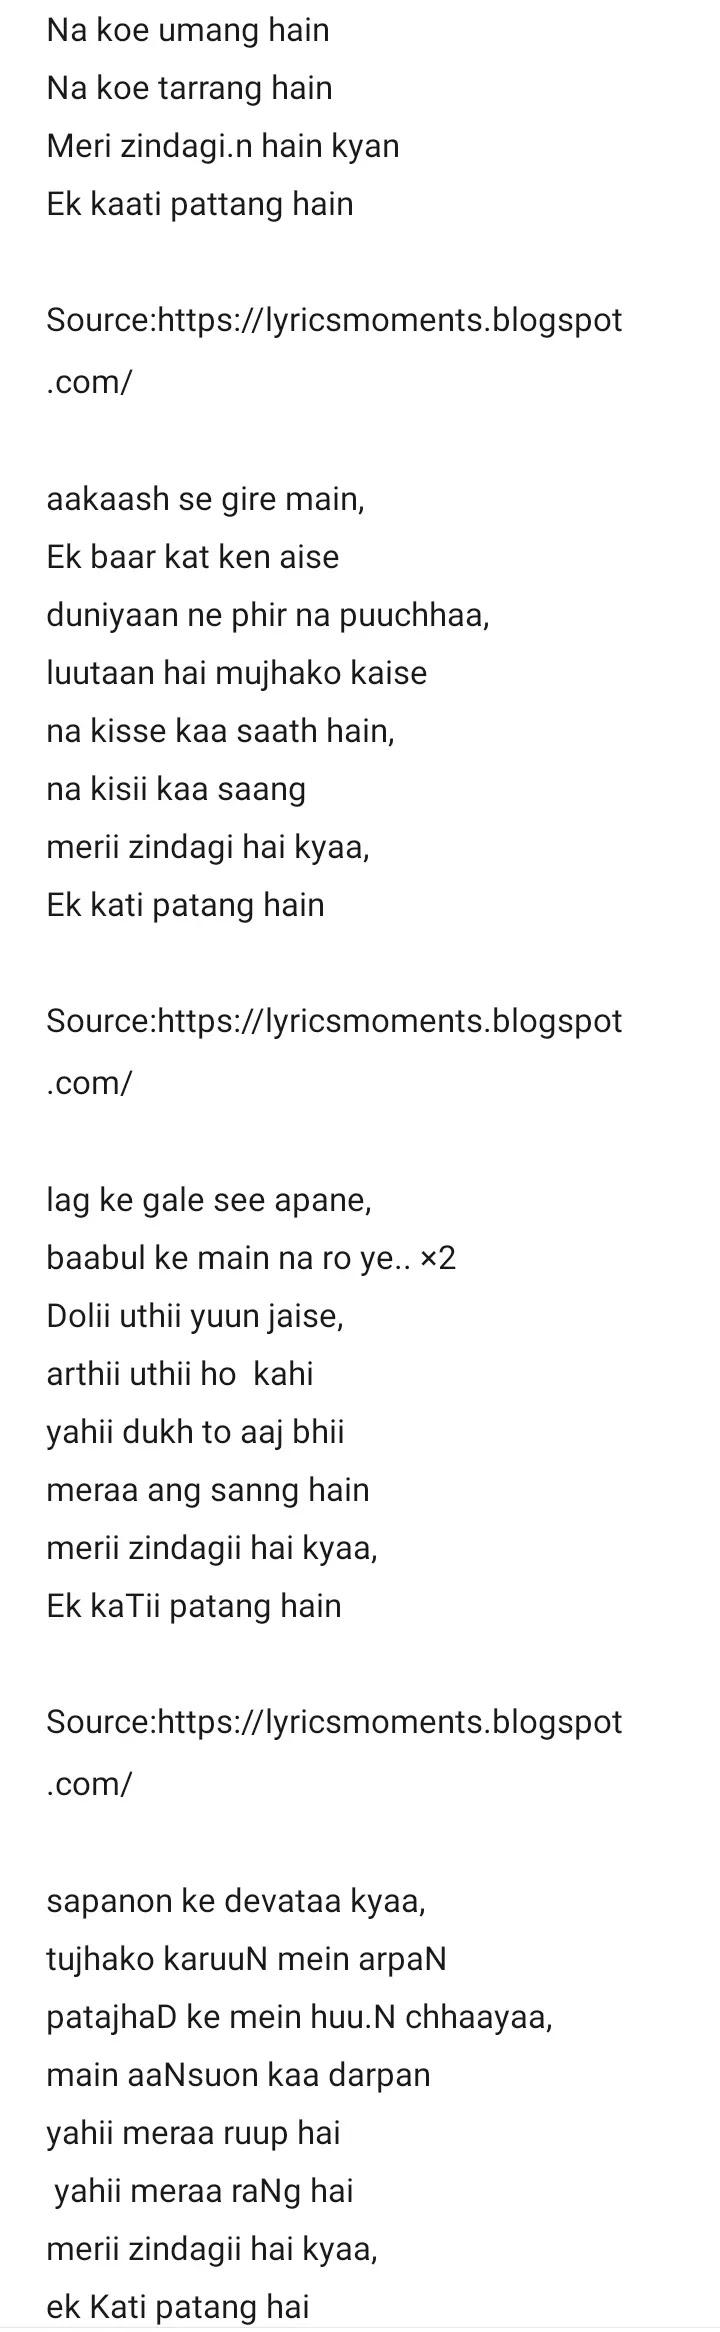 Na koi Umang hai lyrics - Kati Patang | rajesh khanna